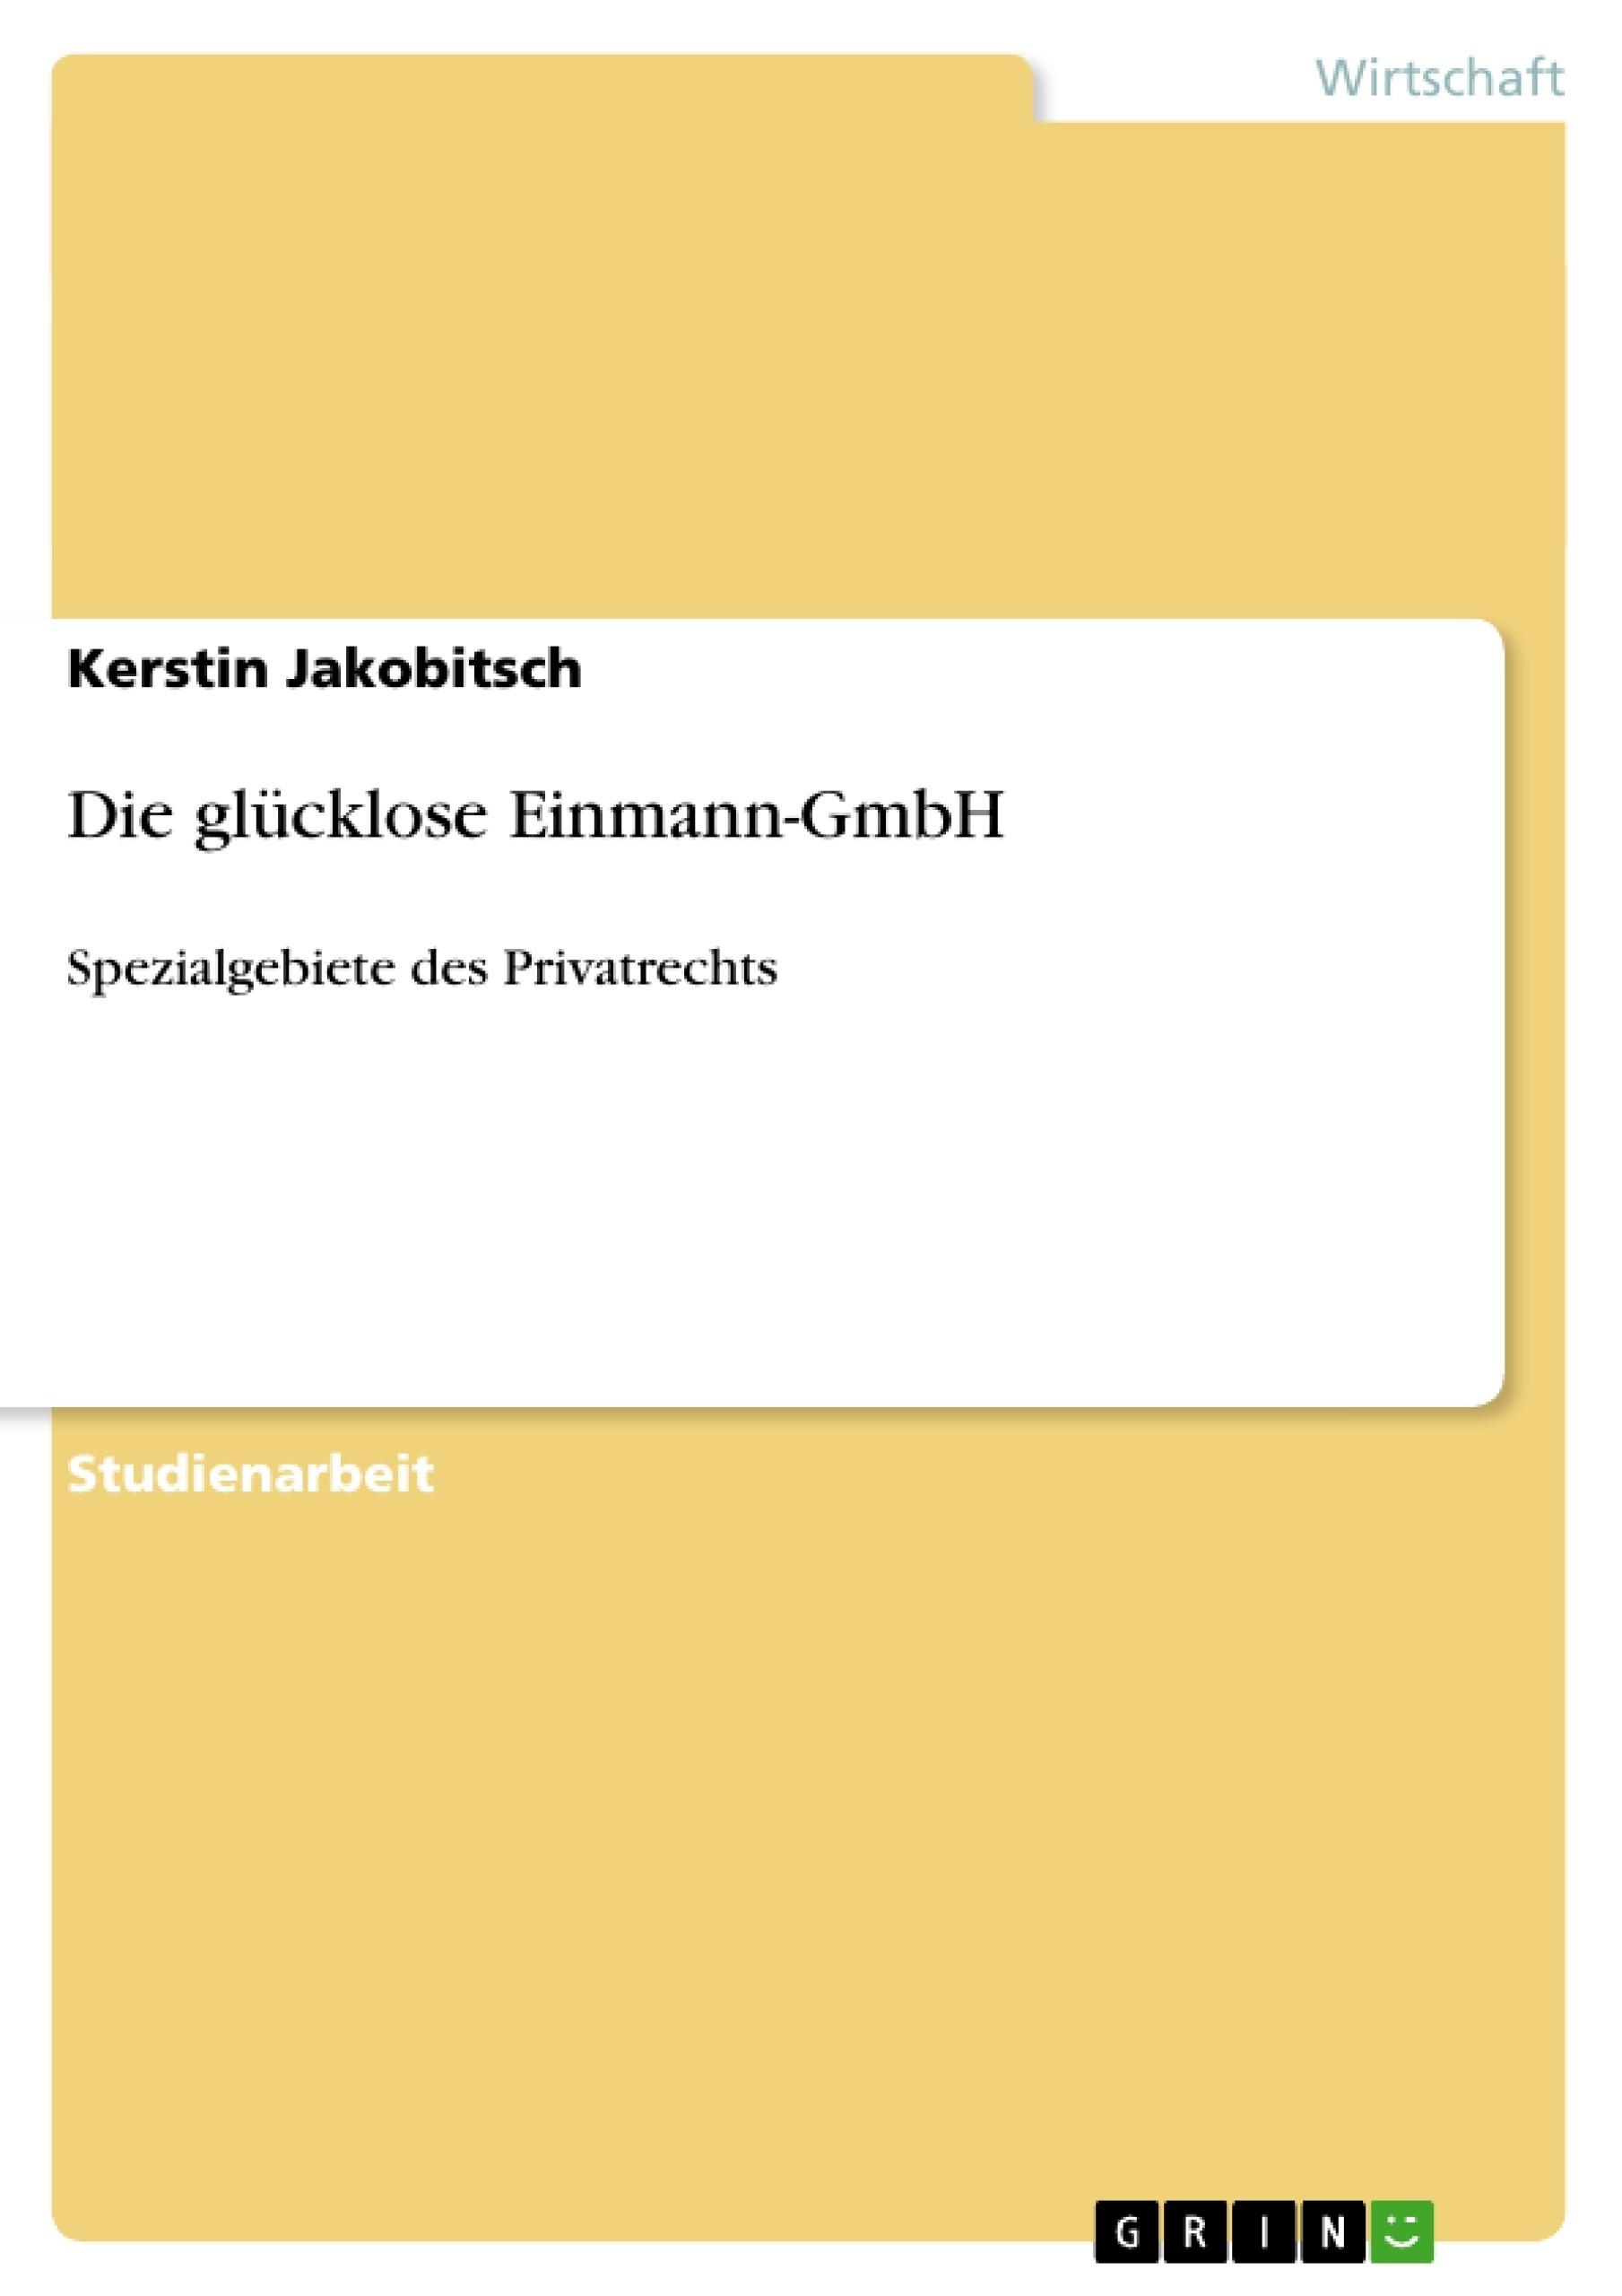 Titel: Die glücklose Einmann-GmbH